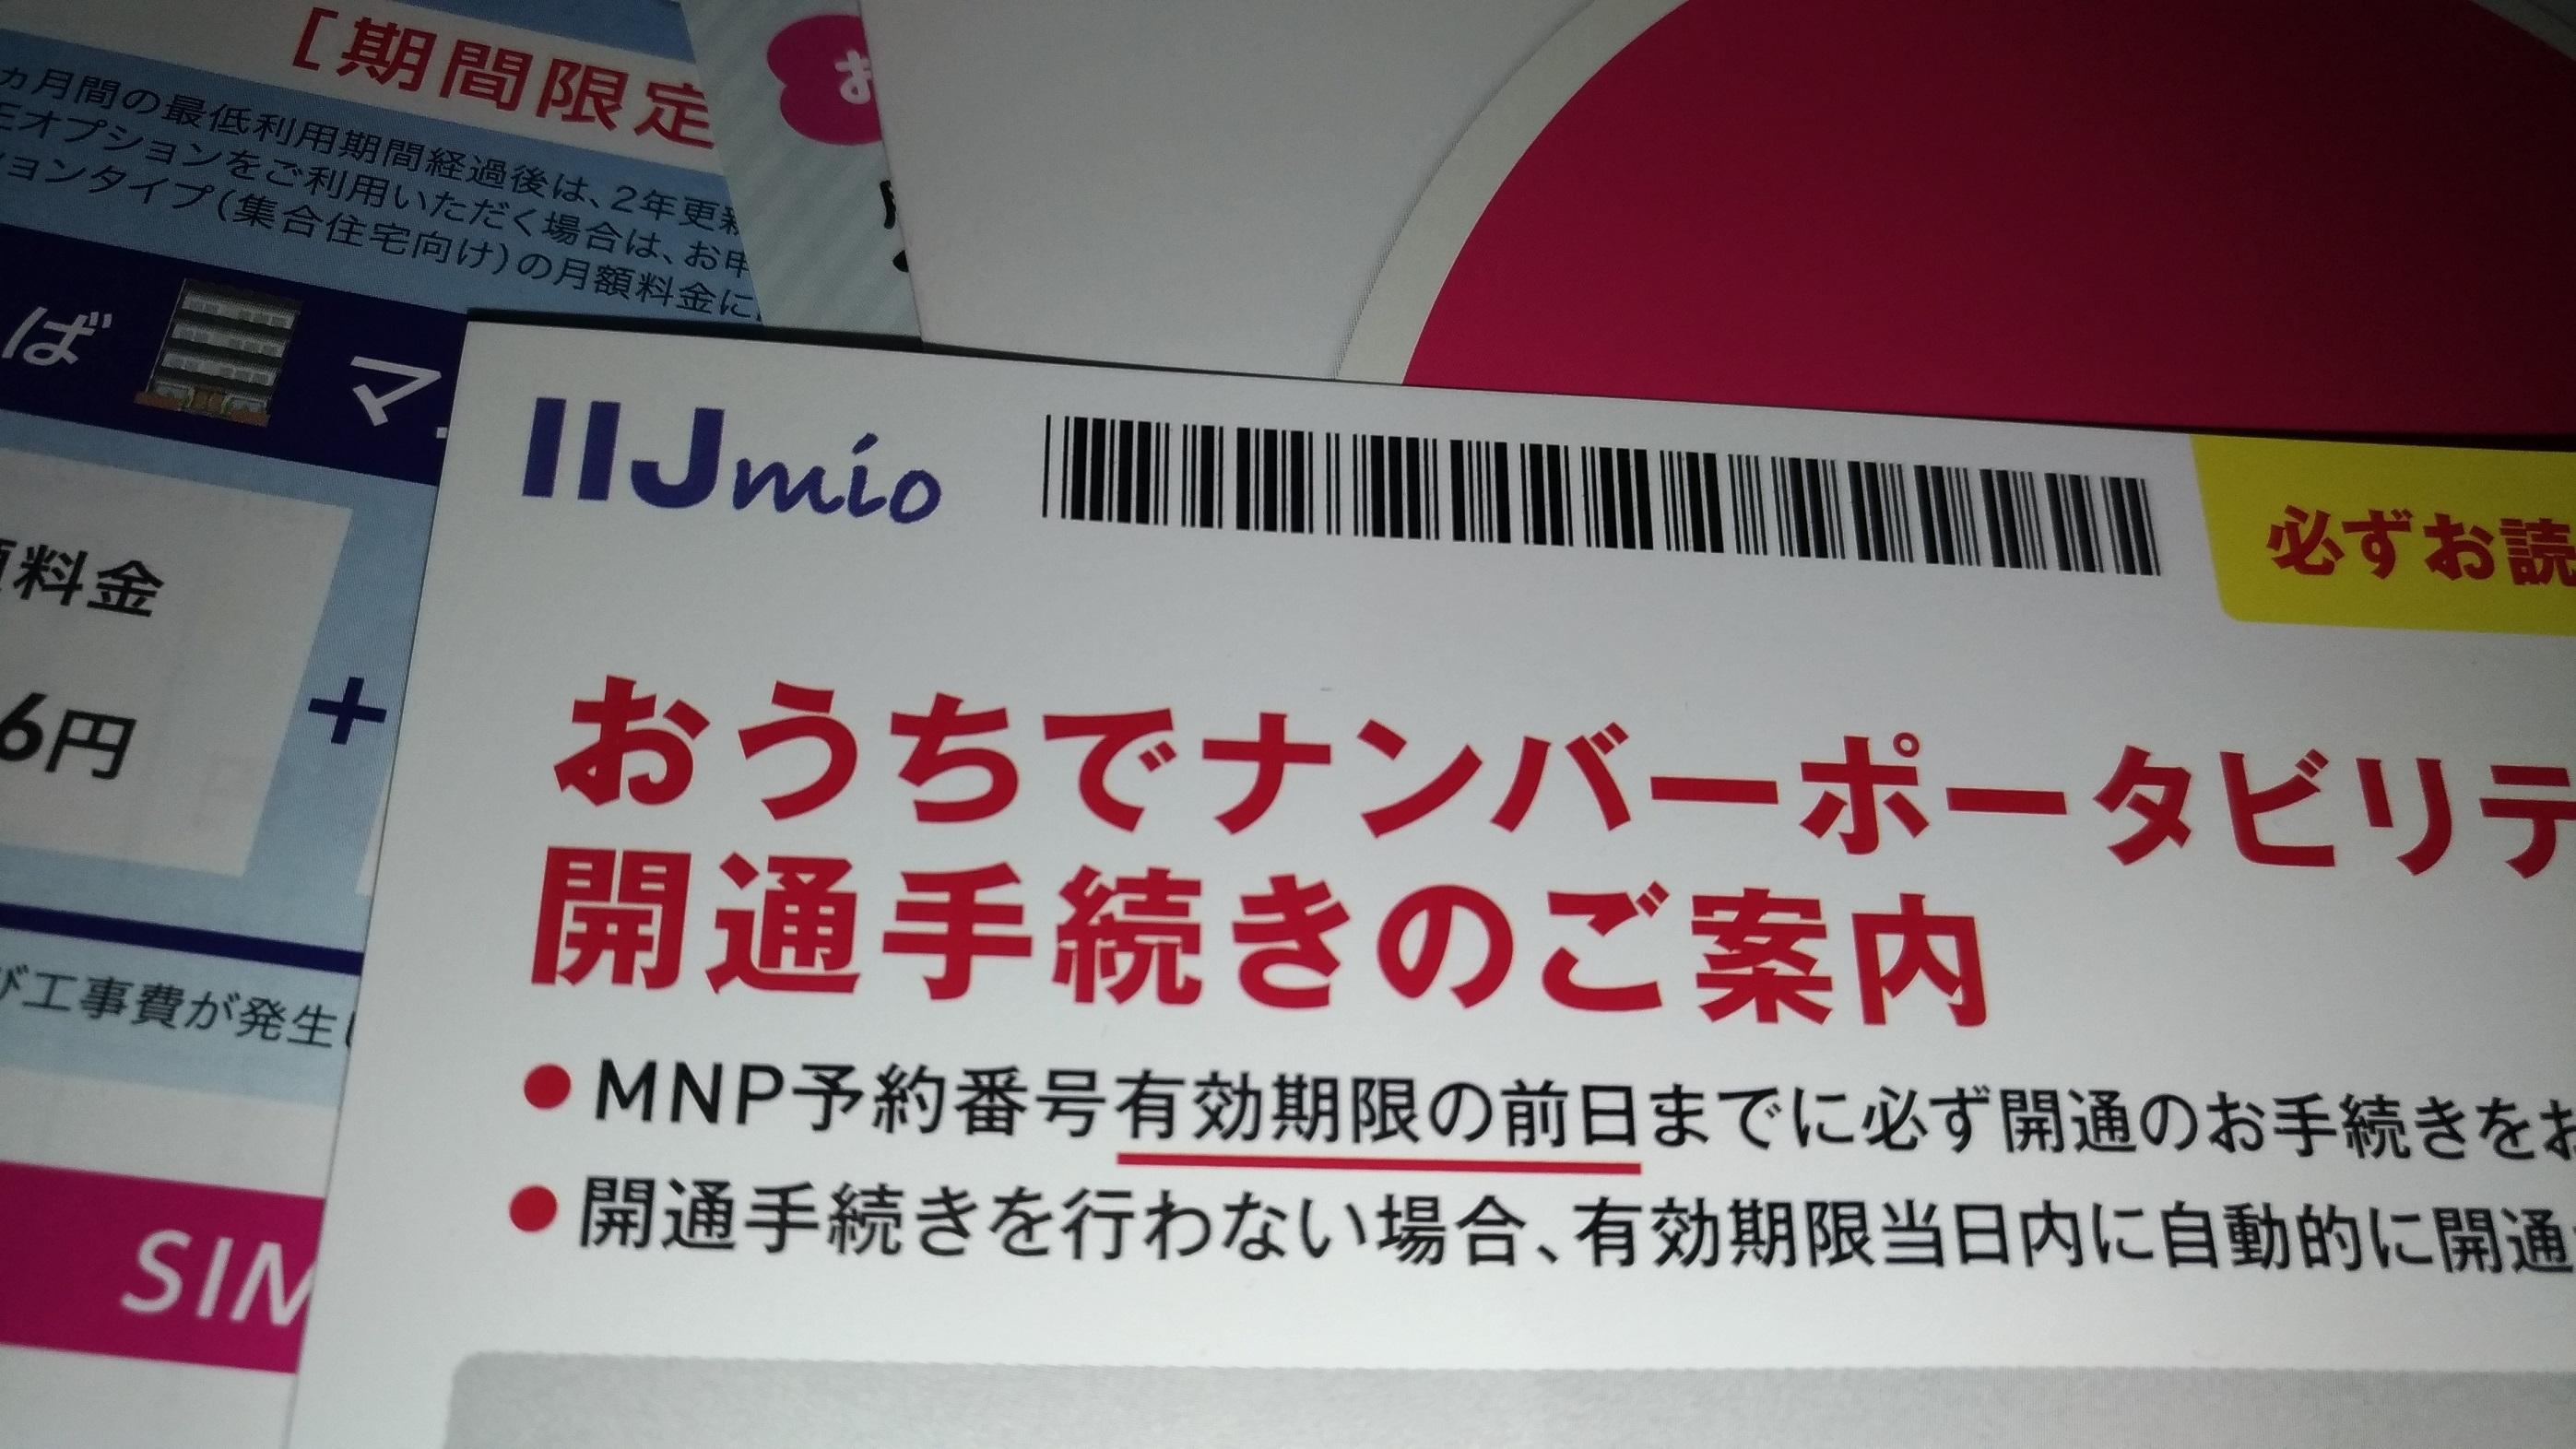 iijmio_kakuyasu_sumaho202102_2.jpg